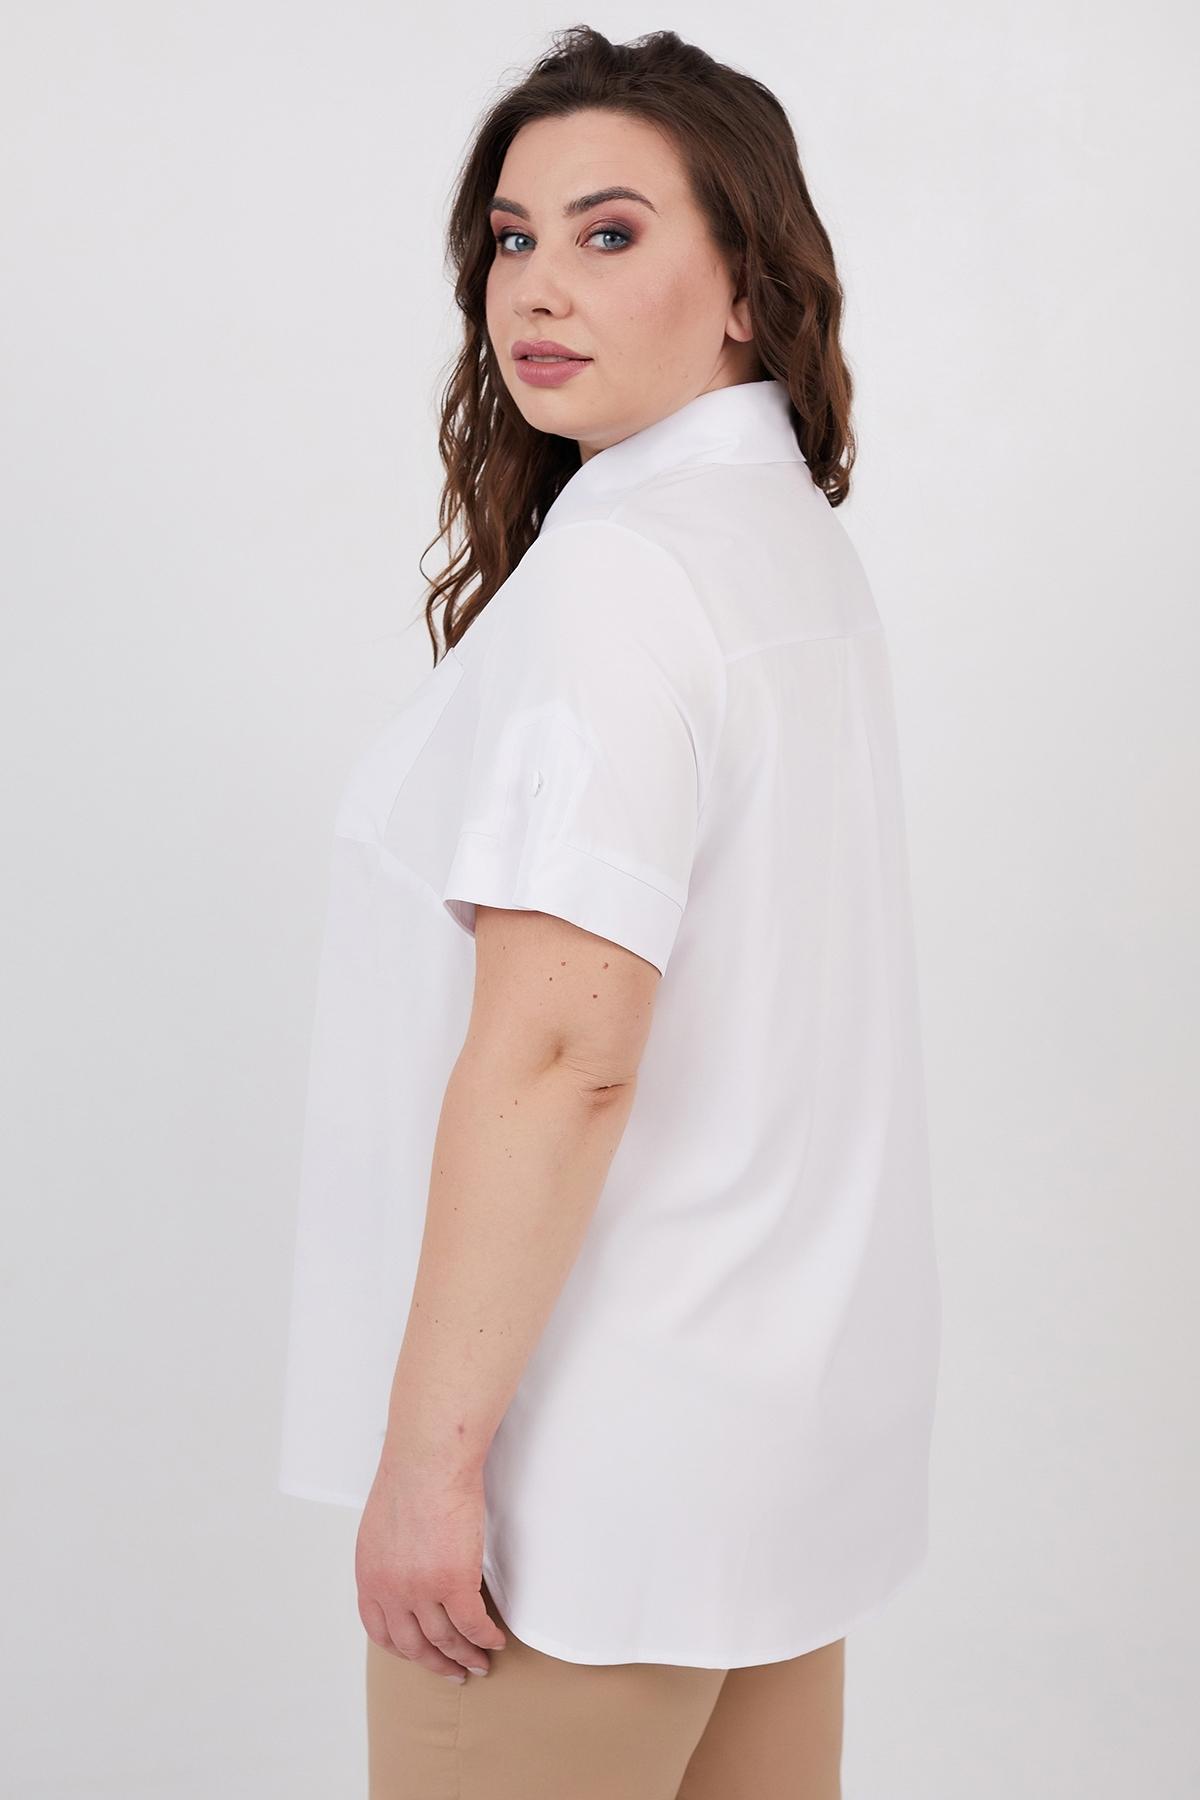 Рубашка Микелли (белый)